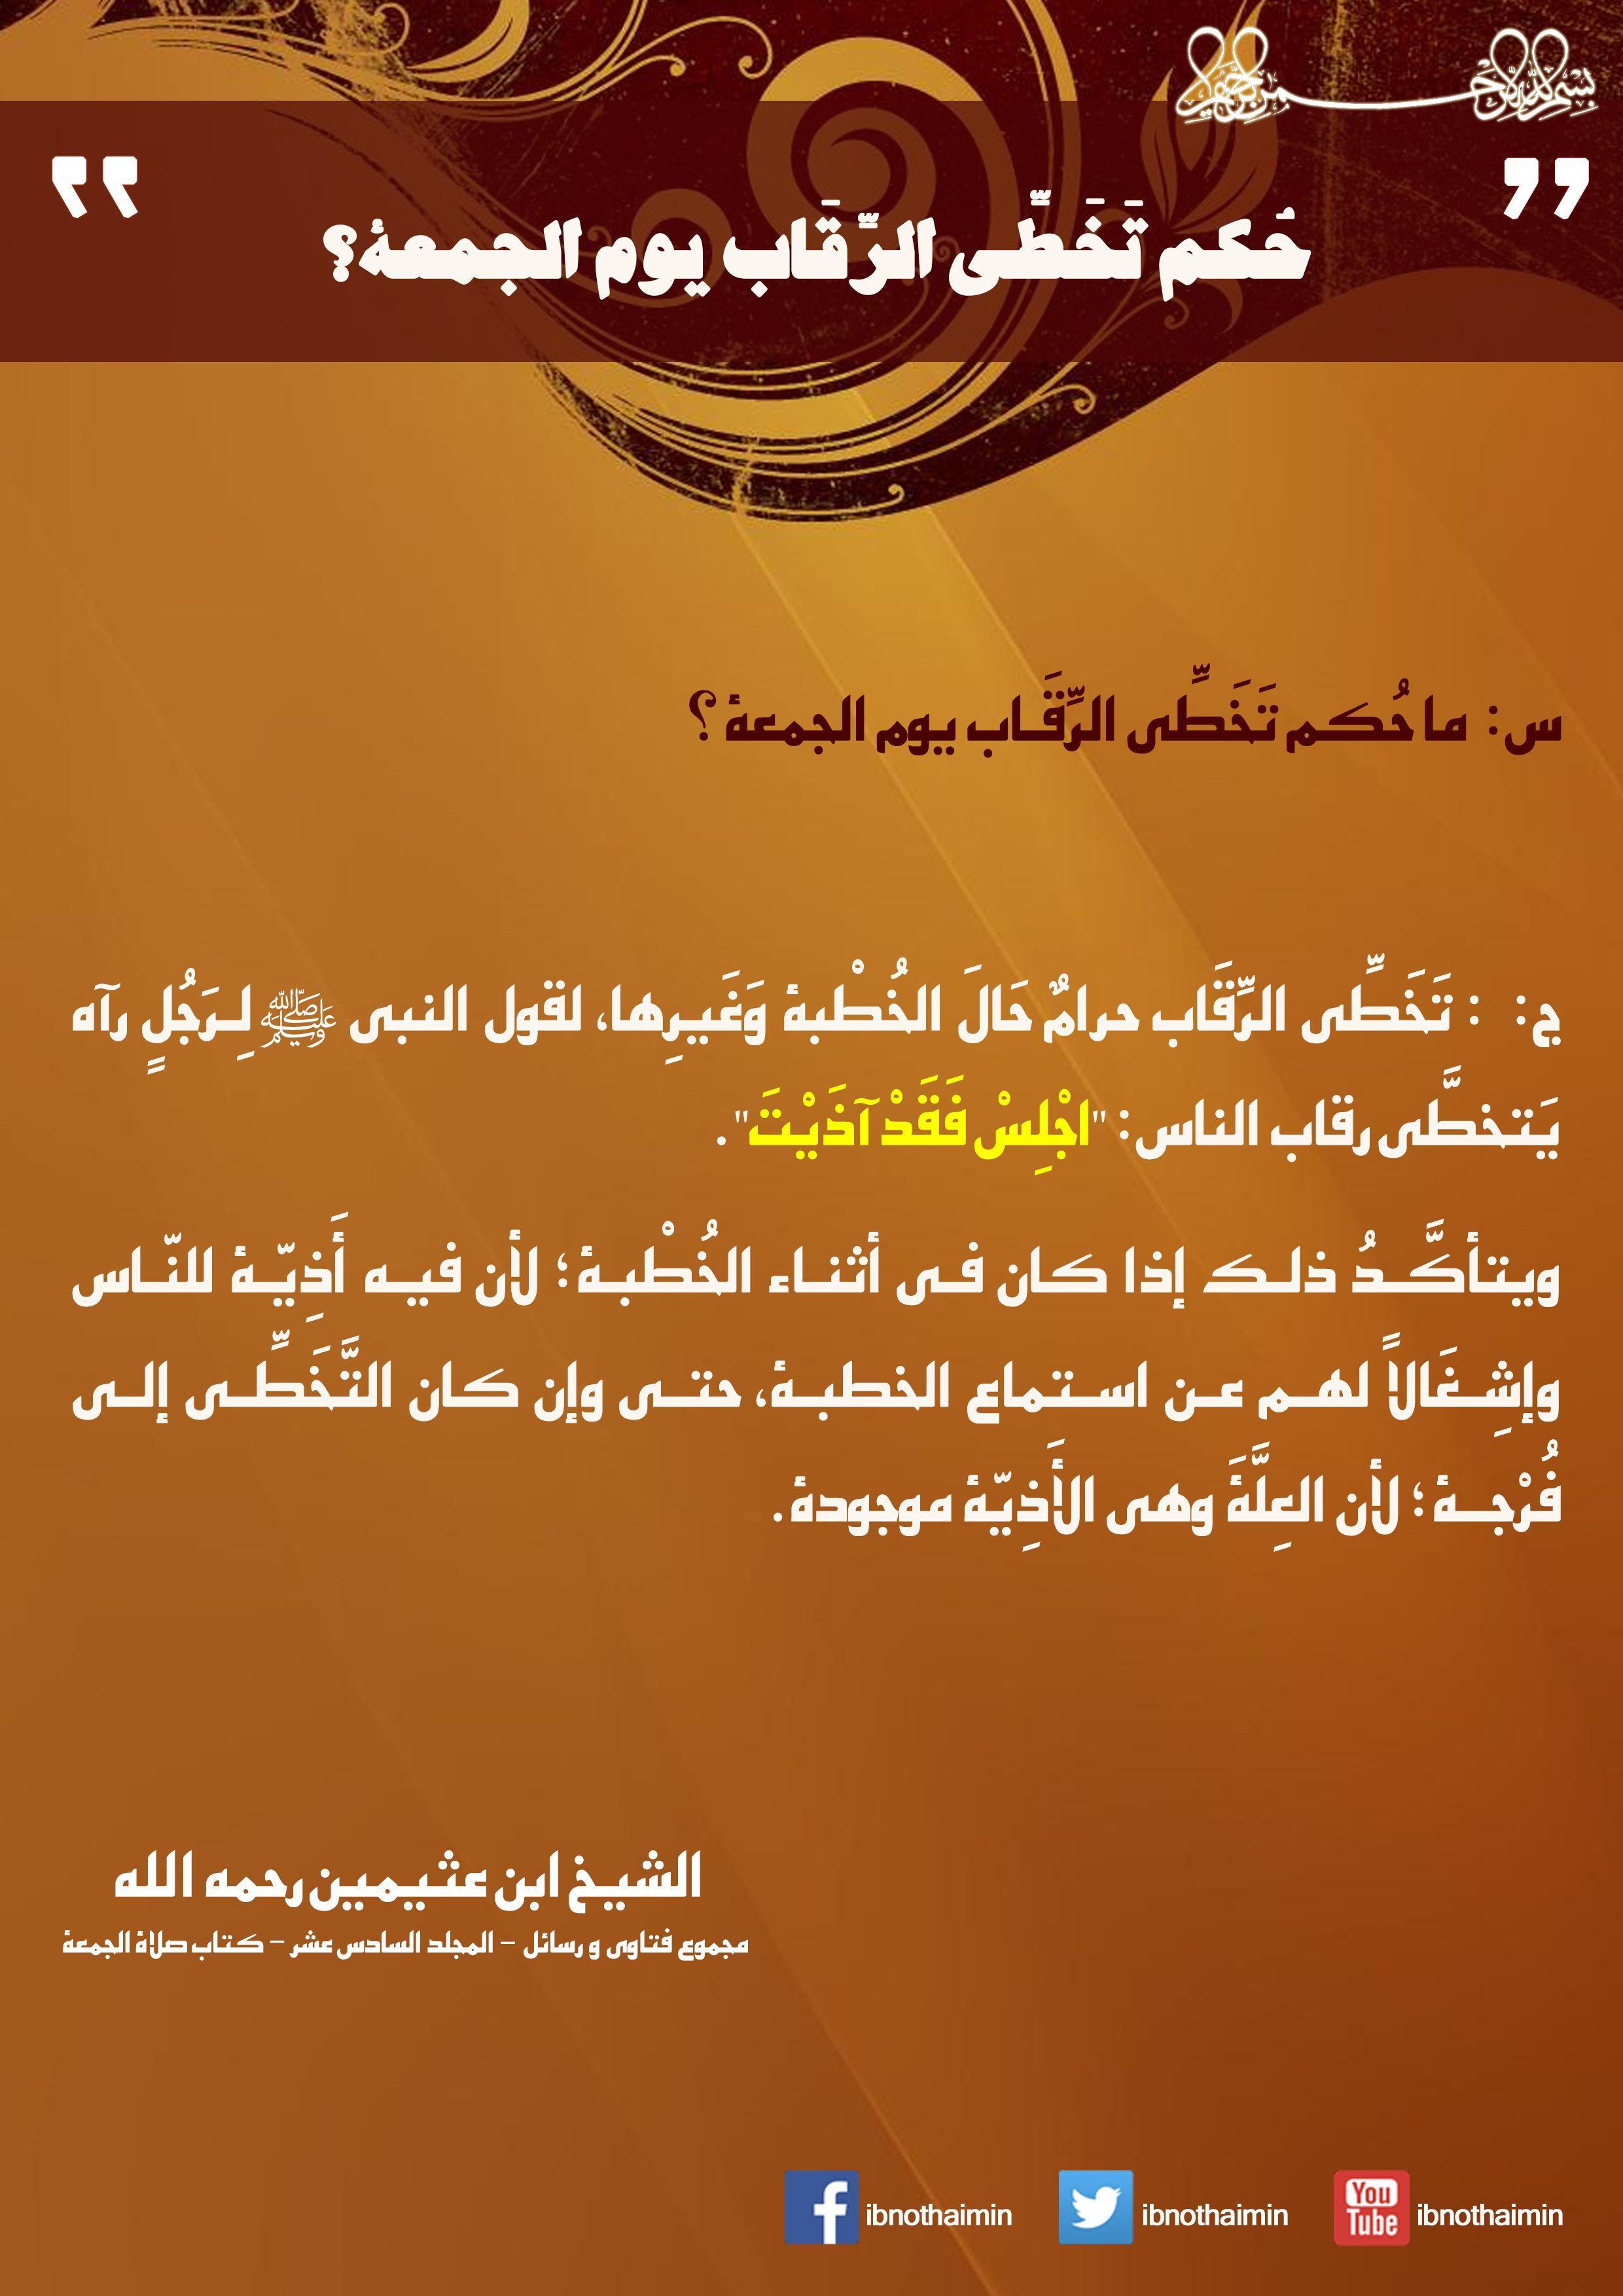 حكم تخطي الرقاب يوم الجمعة الشيخ ابن عثيمين Youtube Movie Posters Movies